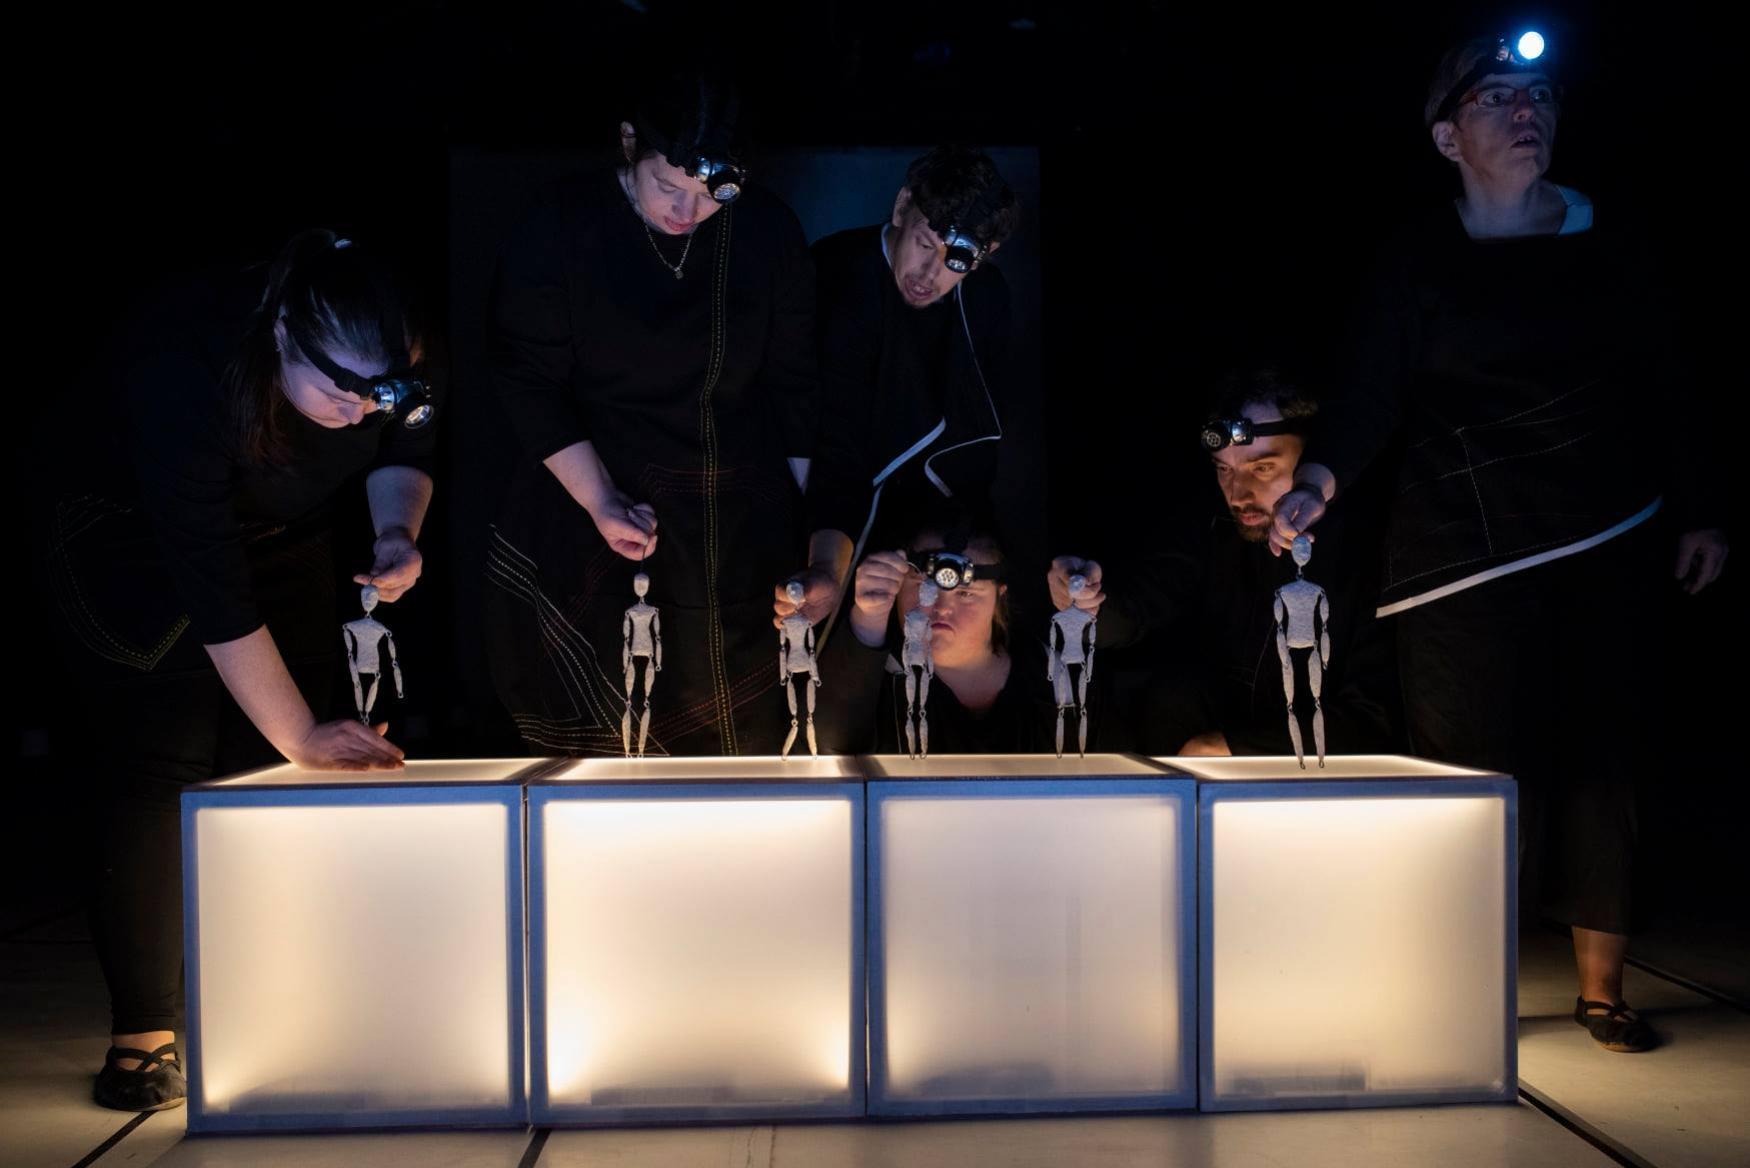 predstavenia divadelna nitra 2020